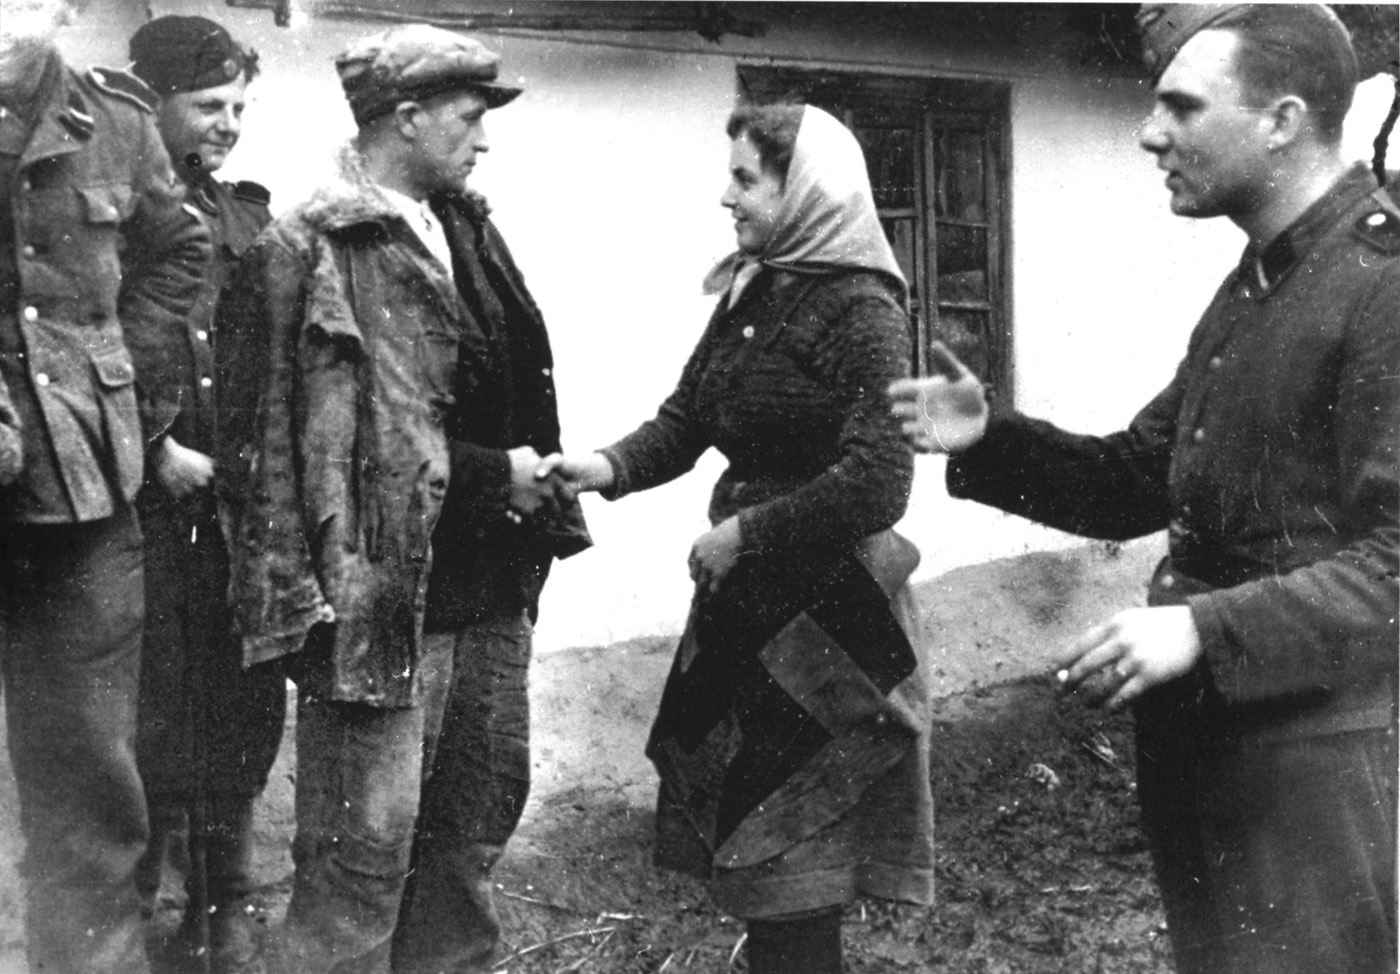 Сестра прощается с братом, уходящим добровольцем в 14-ю дивизию войск СС «Галиция»